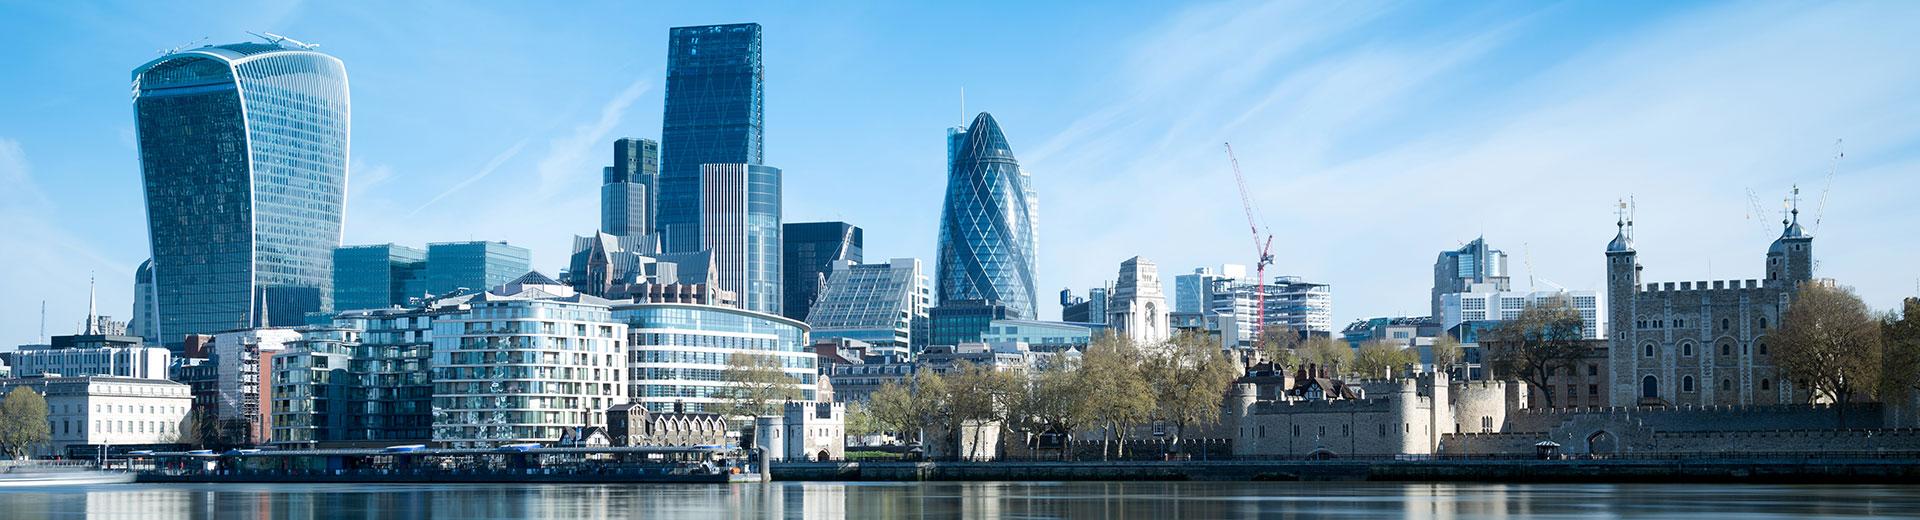 Städtereise London – Flug und Hotel